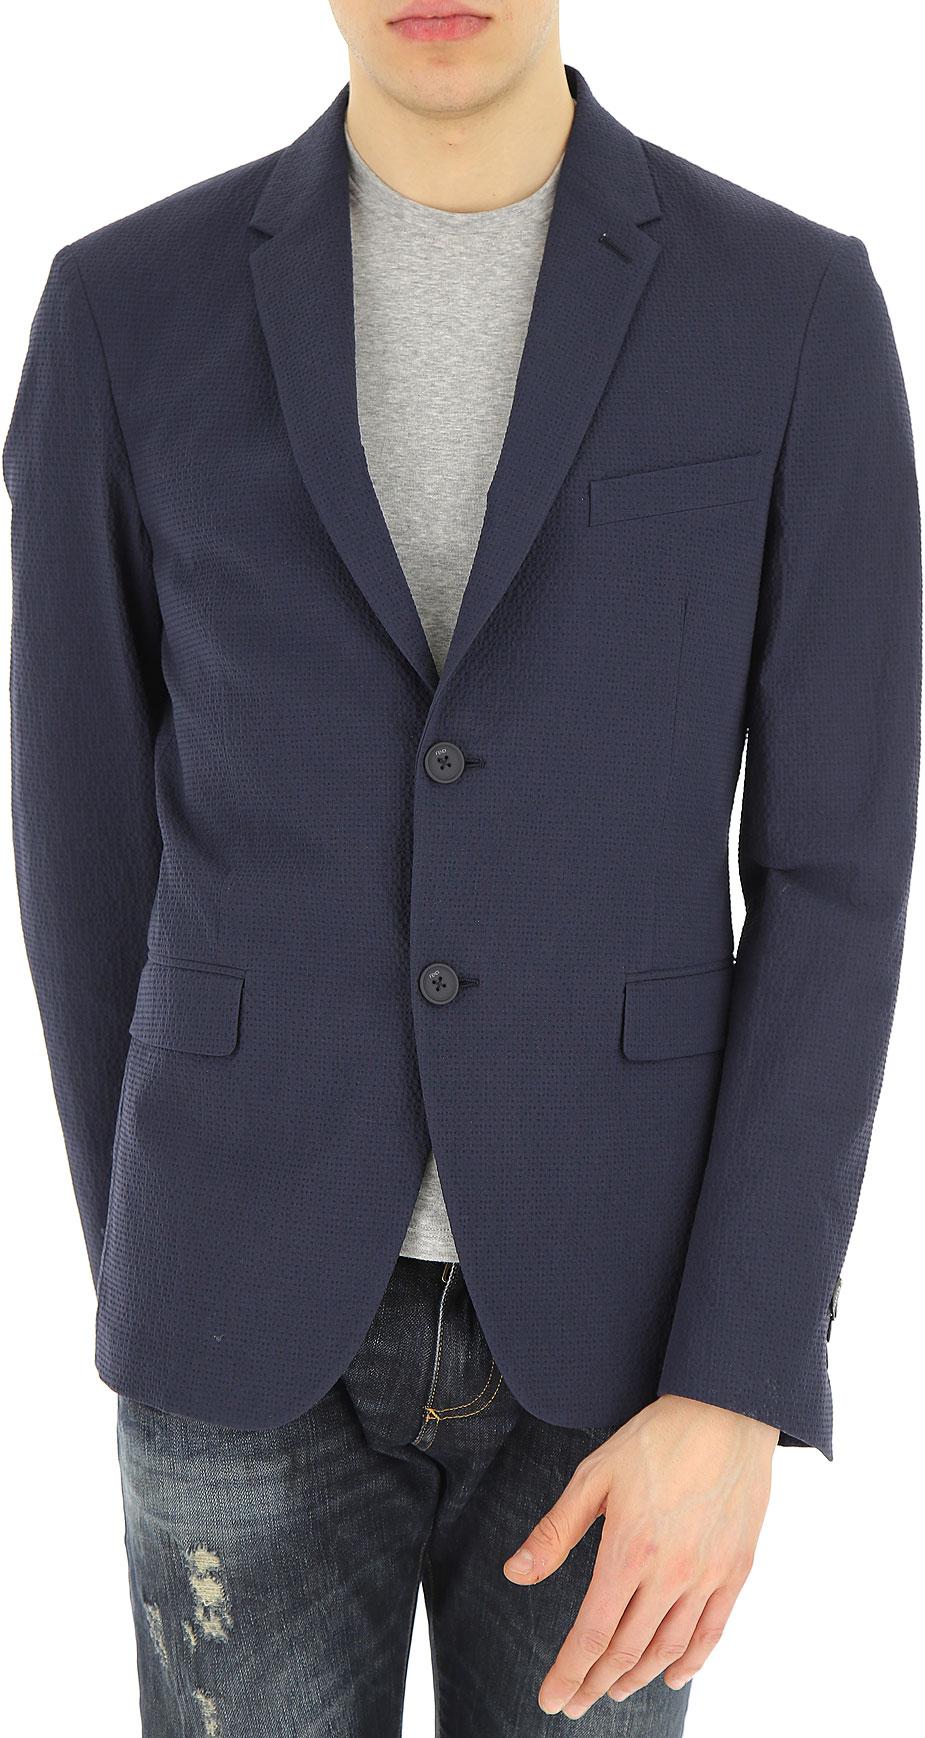 Abbigliamento Uomo Fendi, Codice Articolo: fj0856-a2mv-f0qa2